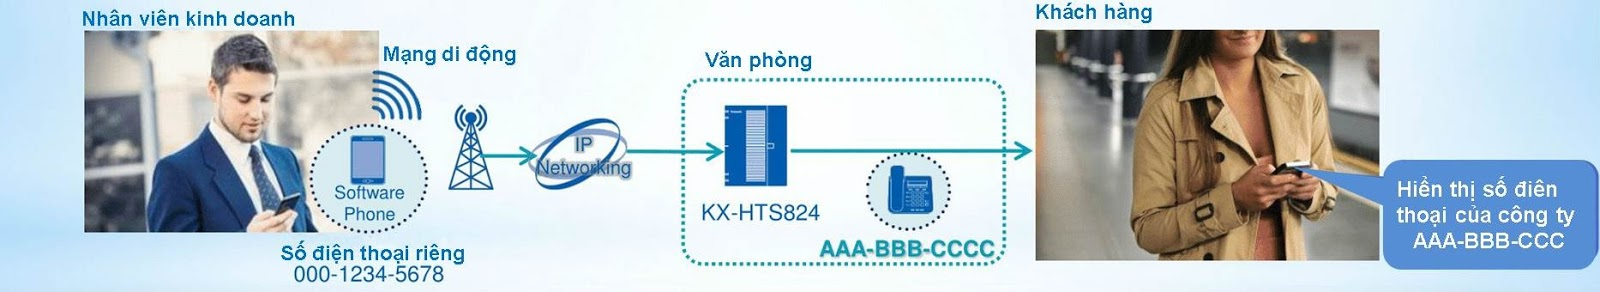 Panasonic ra mắt tổng đài IP KX-HTS824 linh hoạt giữa VoIP và Analog dành cho doanh nghiệp SMB - 160781